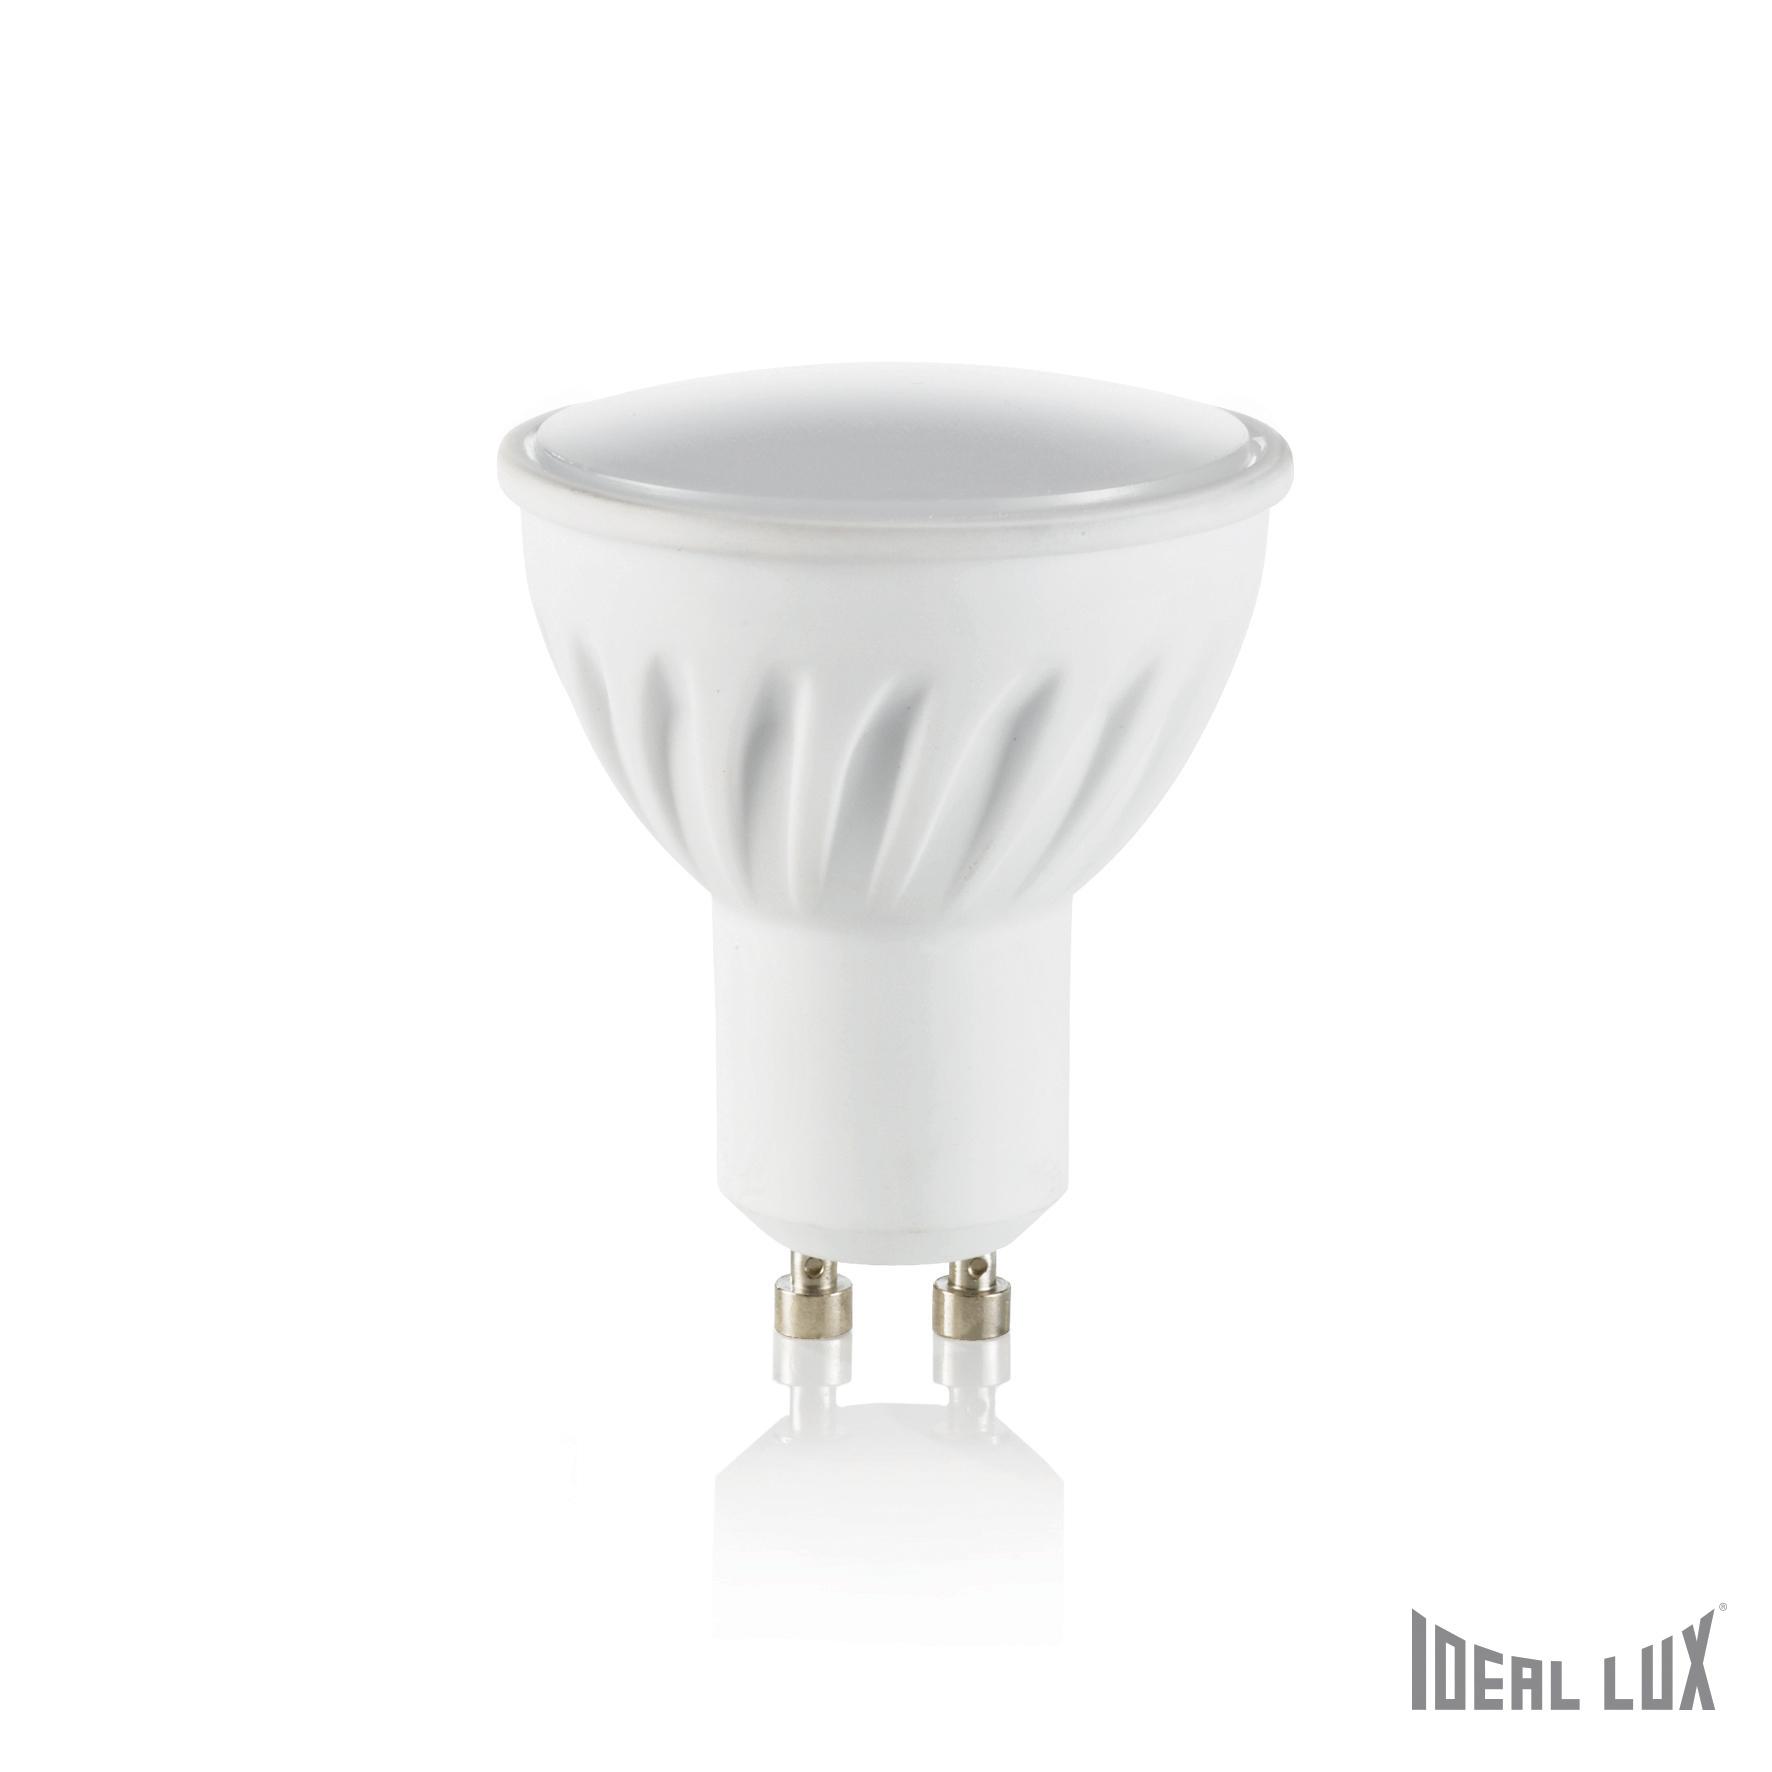 Bec LED GU10 7W pret reducere pareri